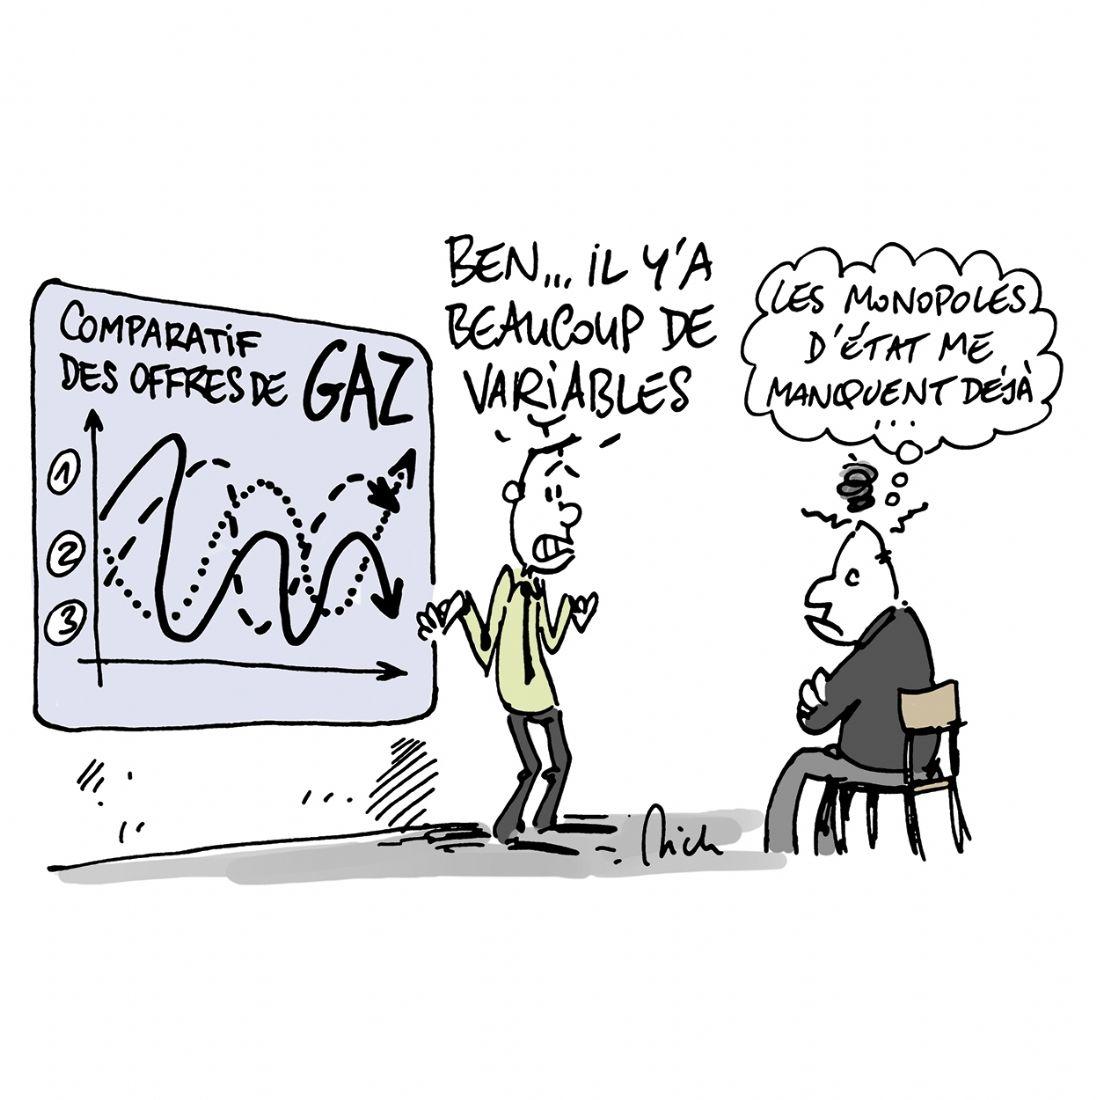 4 cl s pour comparer les offres de gaz - Gaz tarif reglemente ou prix fixe ...